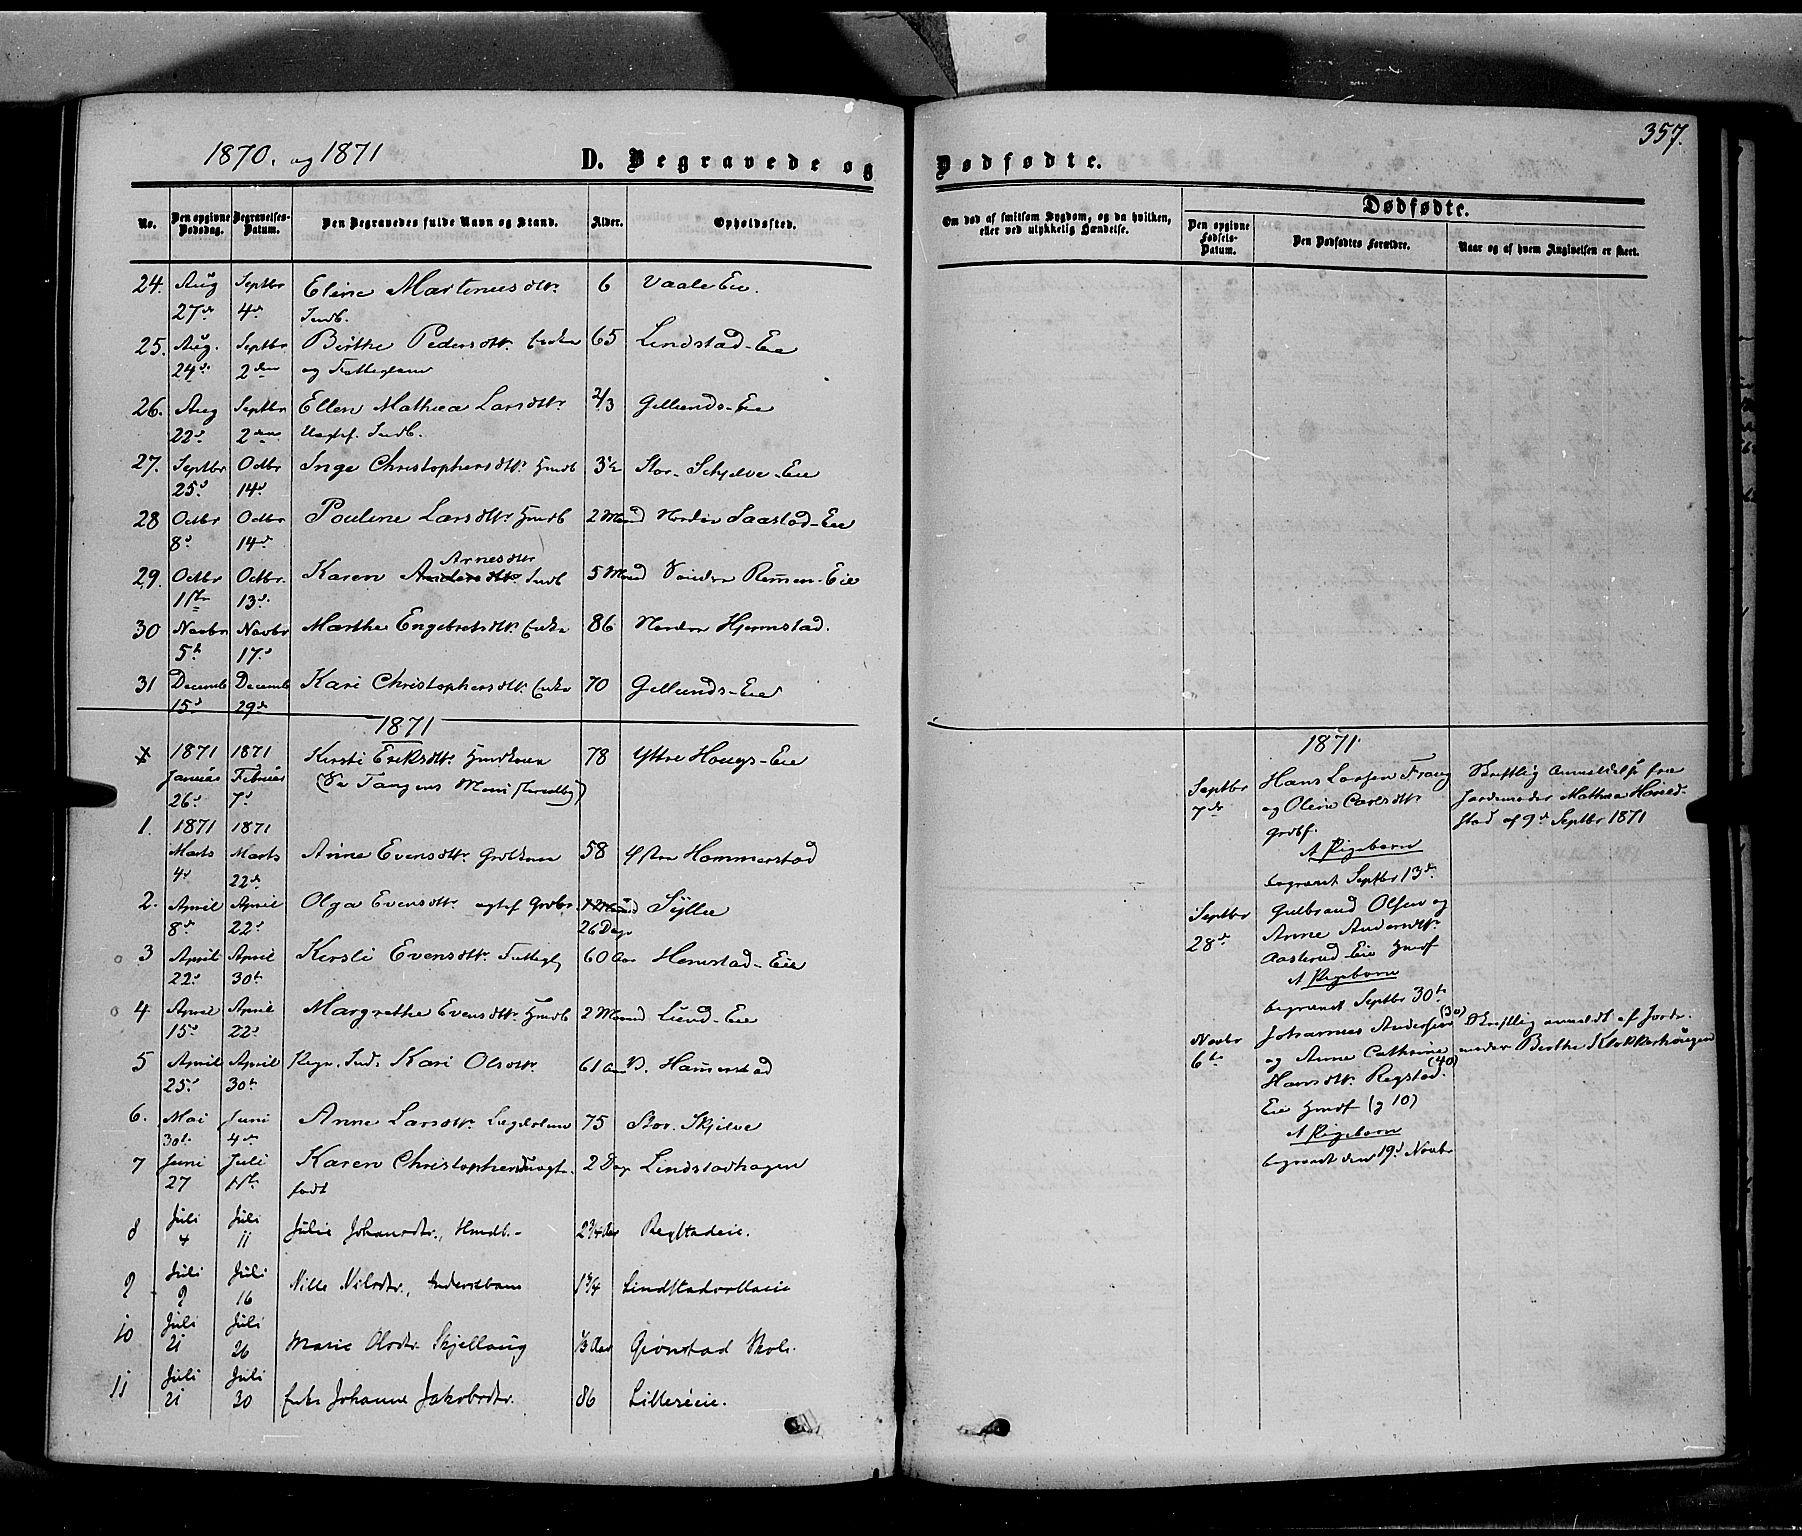 SAH, Stange prestekontor, K/L0013: Parish register (official) no. 13, 1862-1879, p. 357